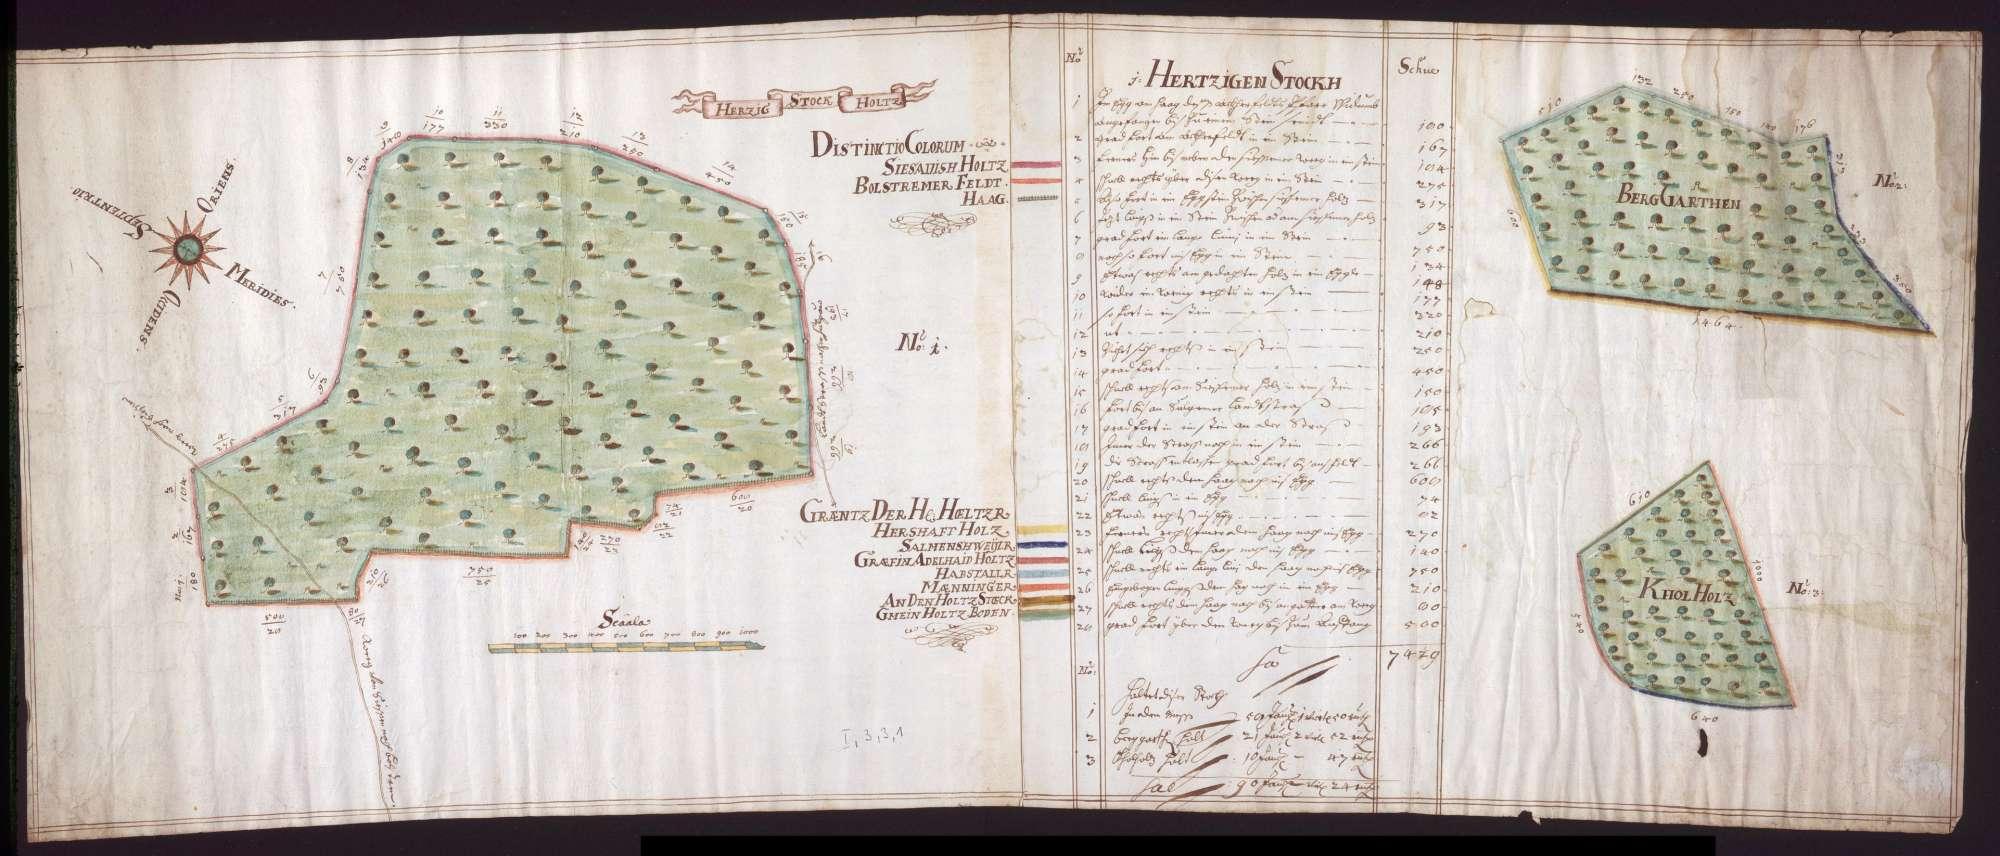 Waldungen Herzigen Stock, Berggarten und Kohlholz (zwischen Bolstern und Kleinsießen) Maßstab ca. 1 : 2500 col. handgez., Bild 1